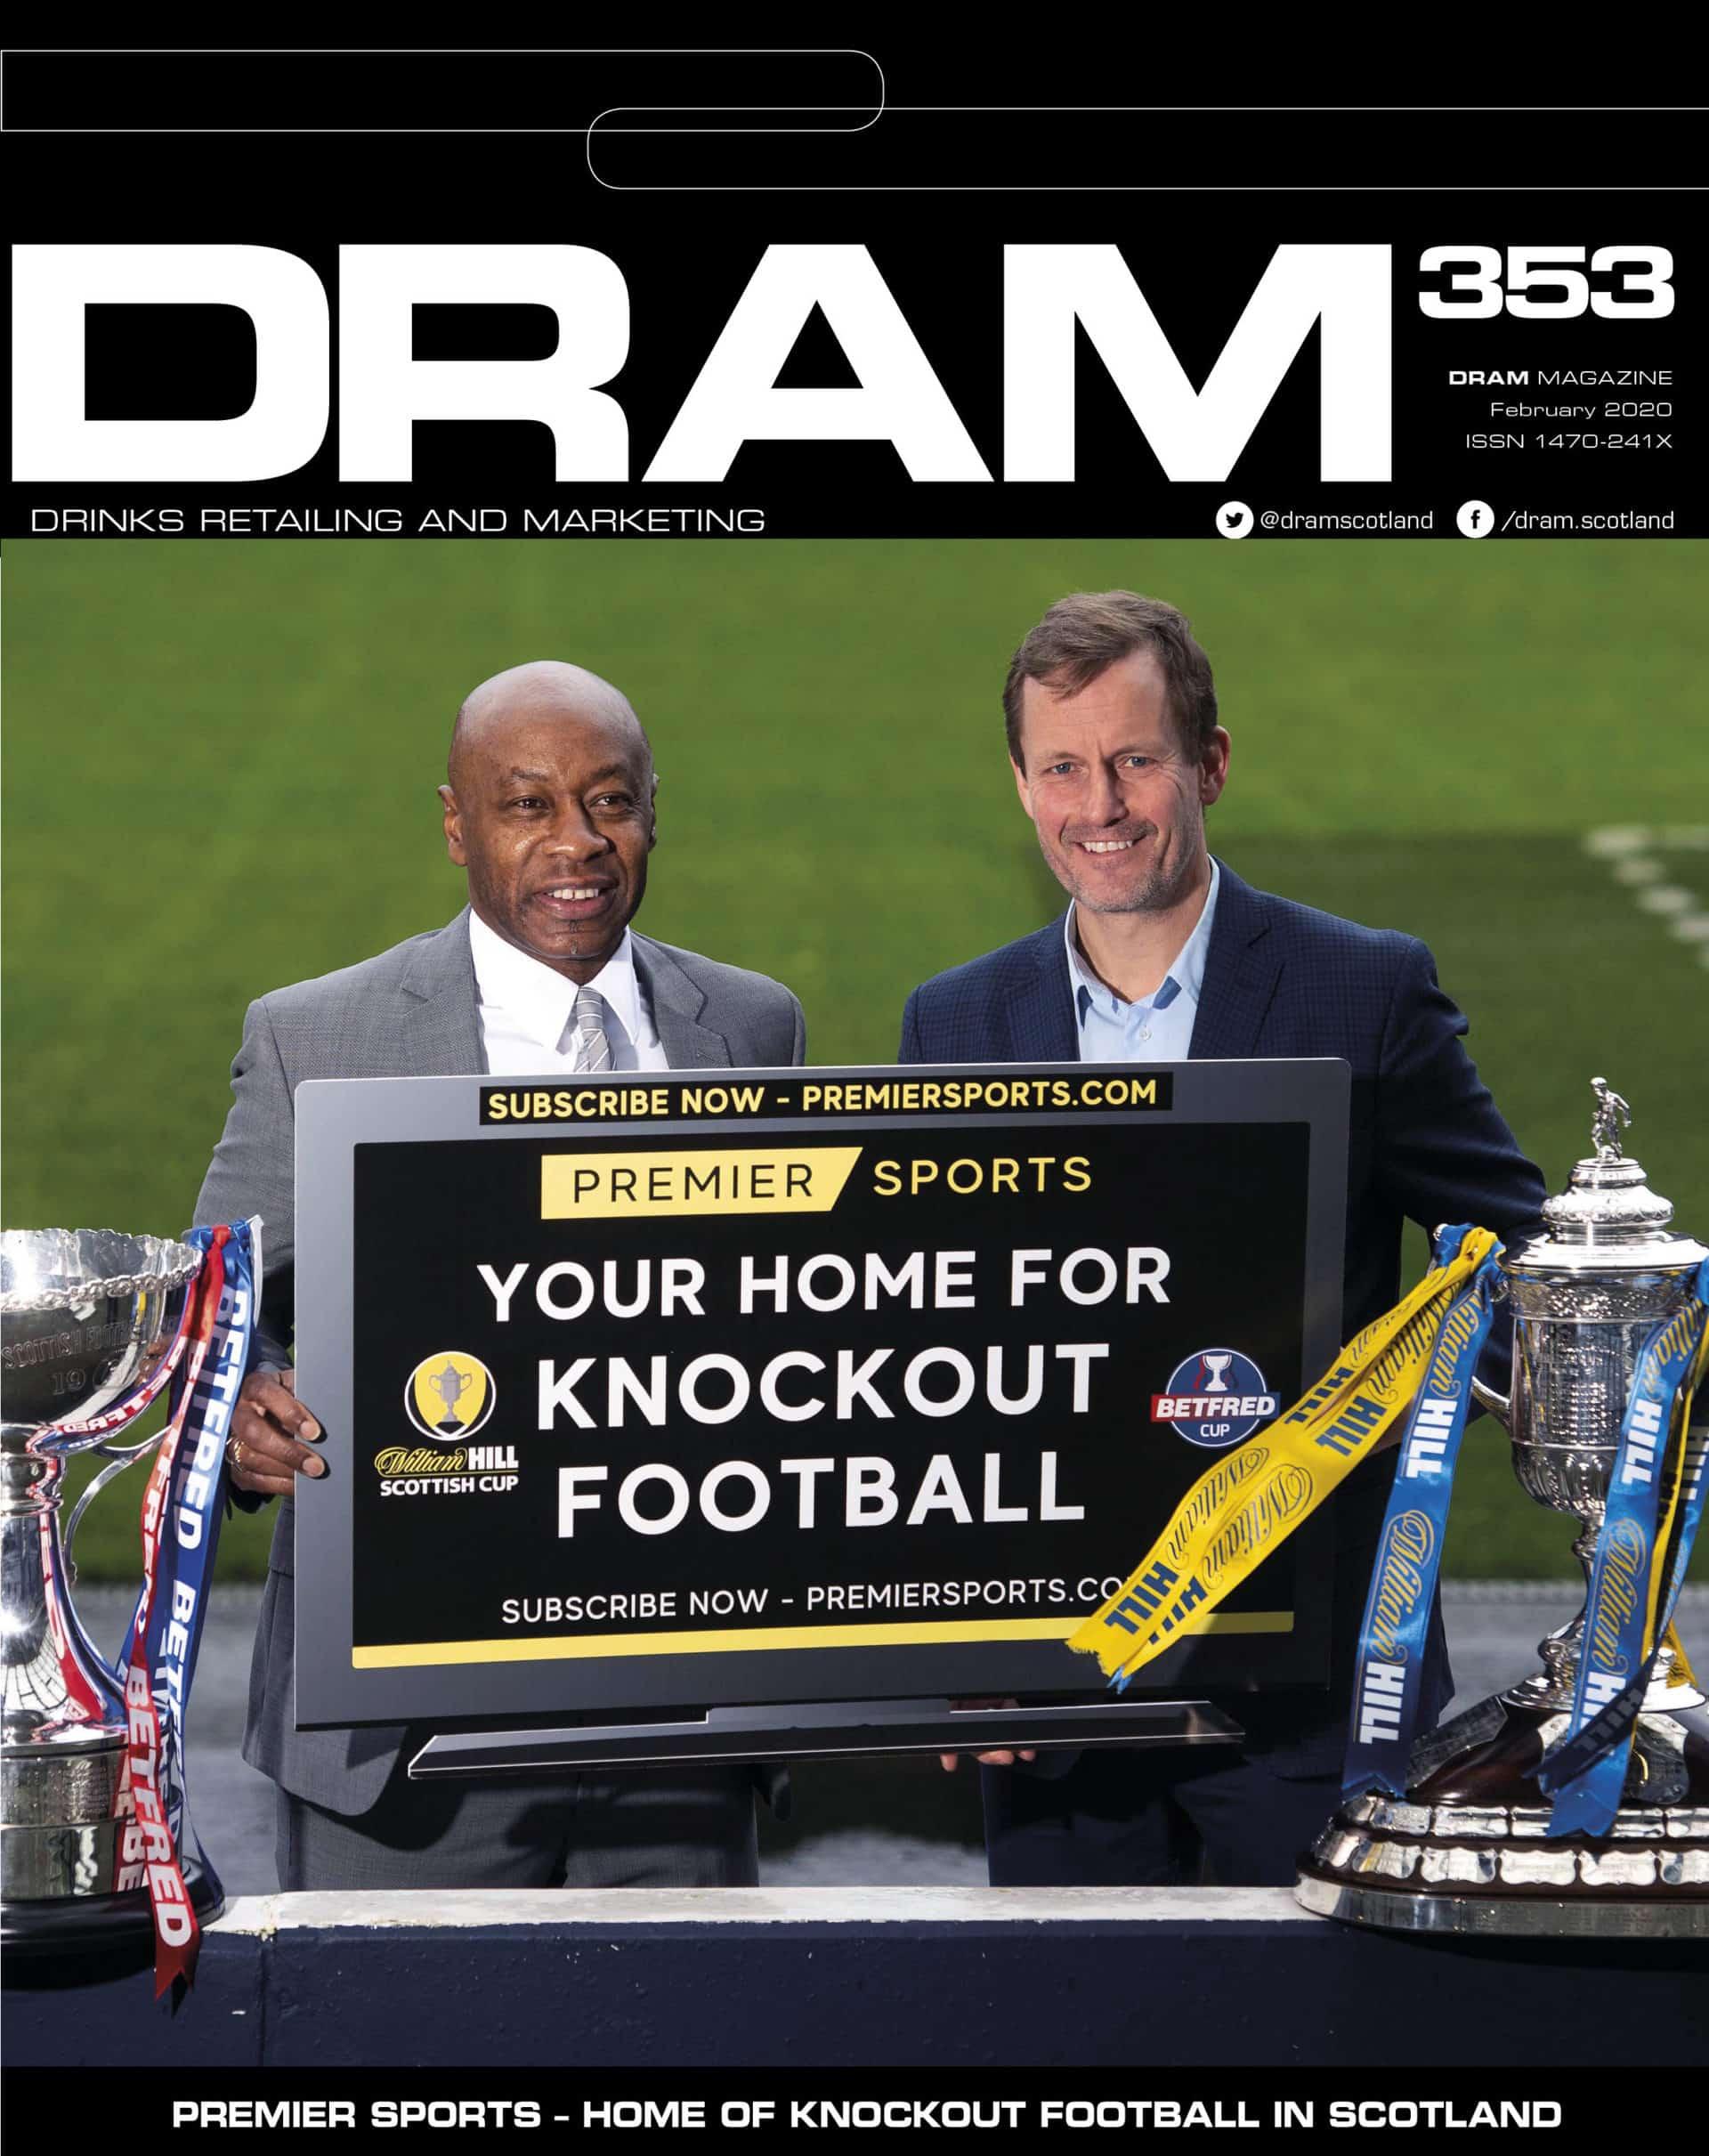 Dram-353-February-2020-COVER